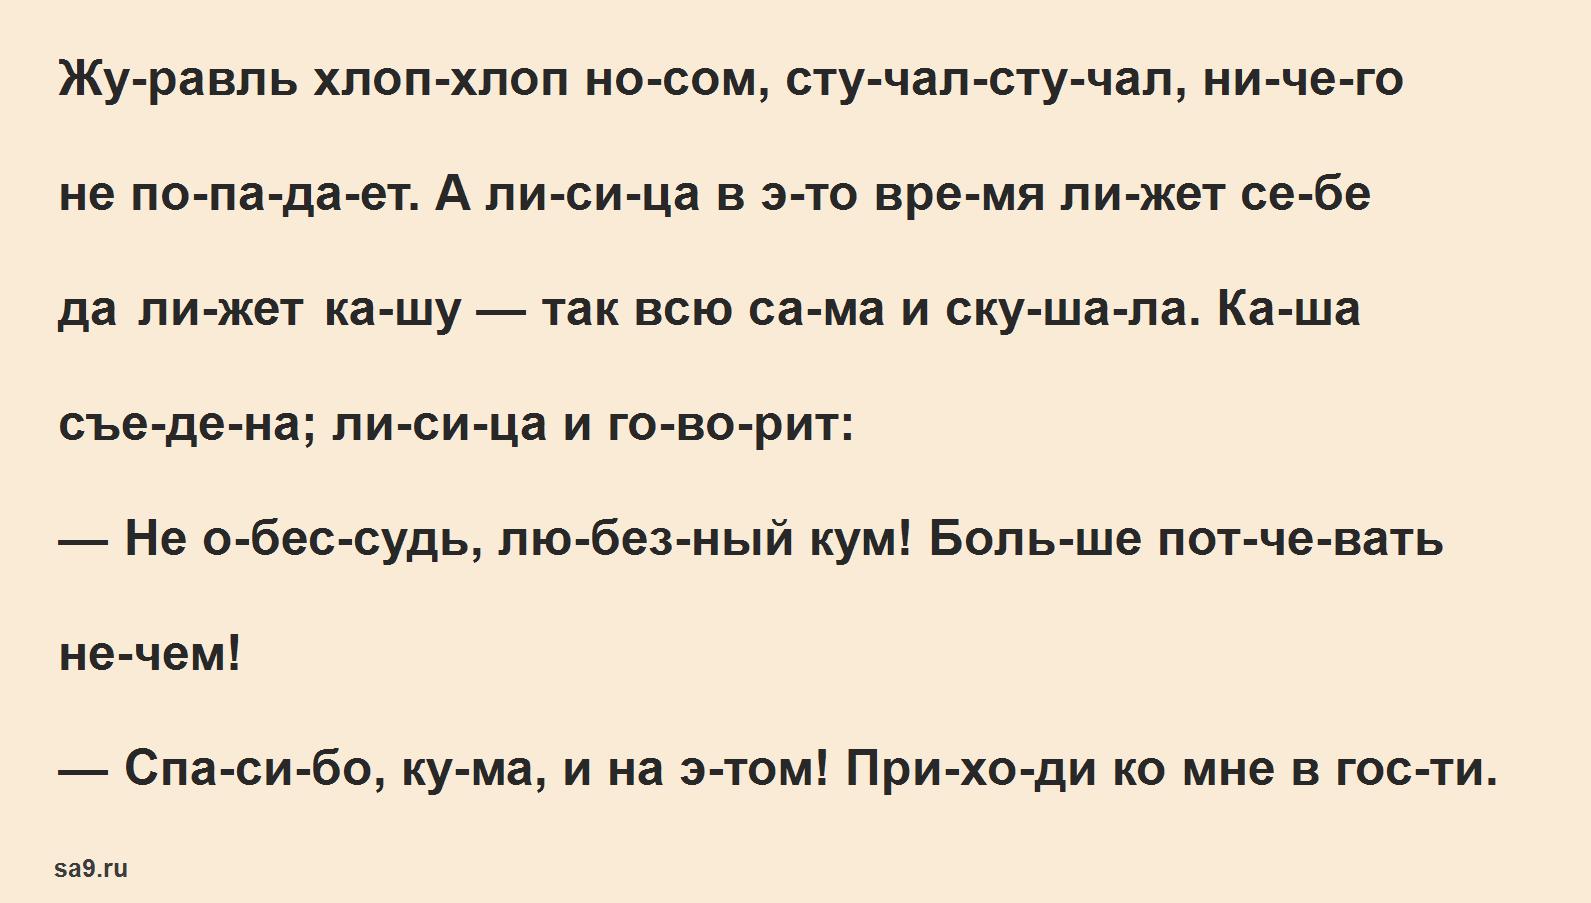 Любимая сказка детей - Лиса и журавль, по слогам